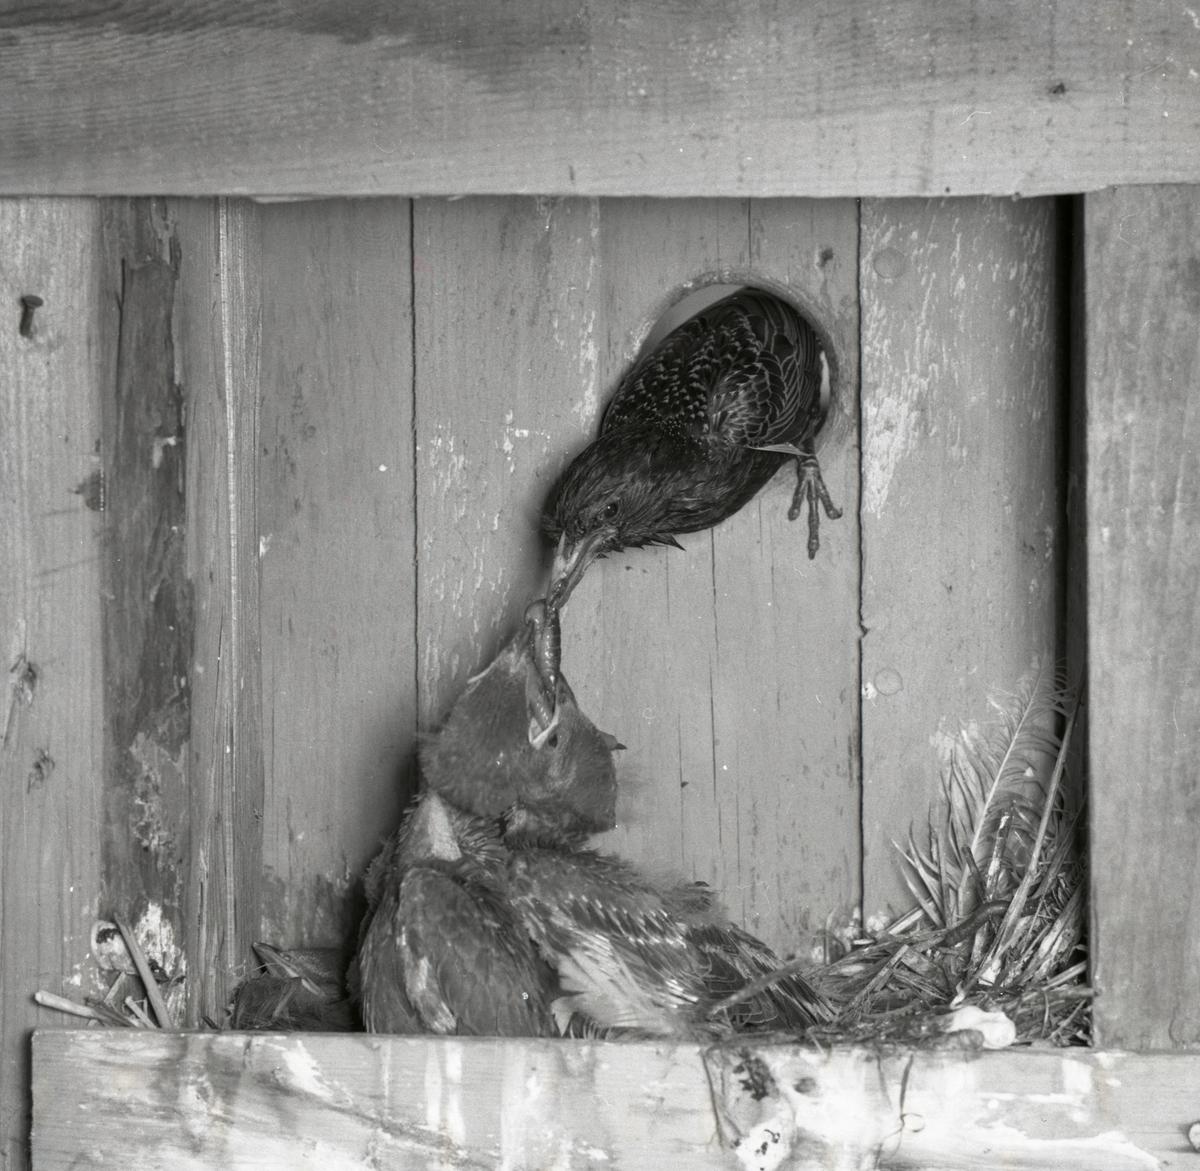 En stare tittar in i en fågelholk och matar sina ungar.